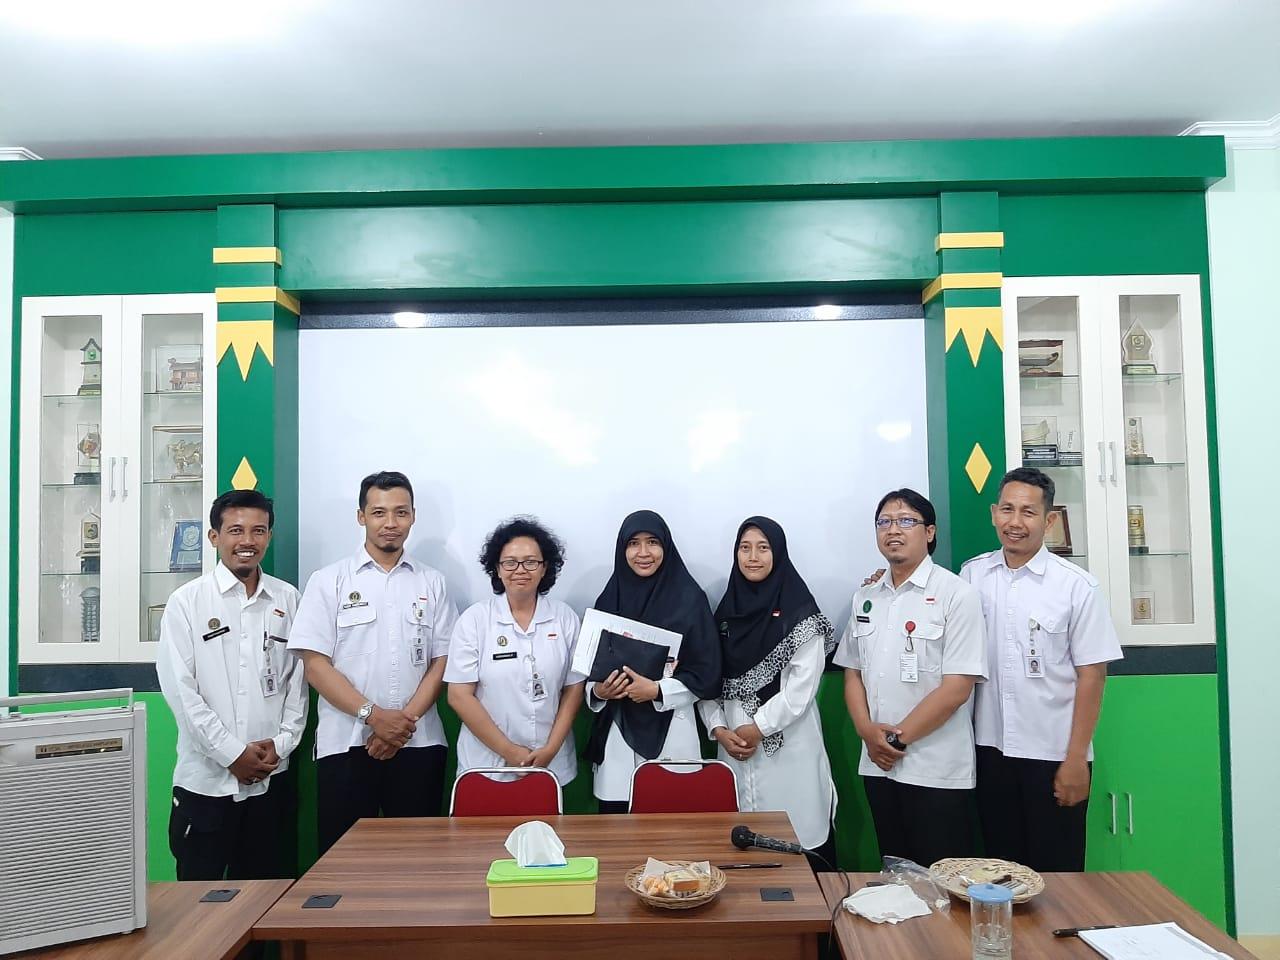 Pemilihan Pengurus Forum Auditor Inspektorat Kota Yogyakarta 2020-2023